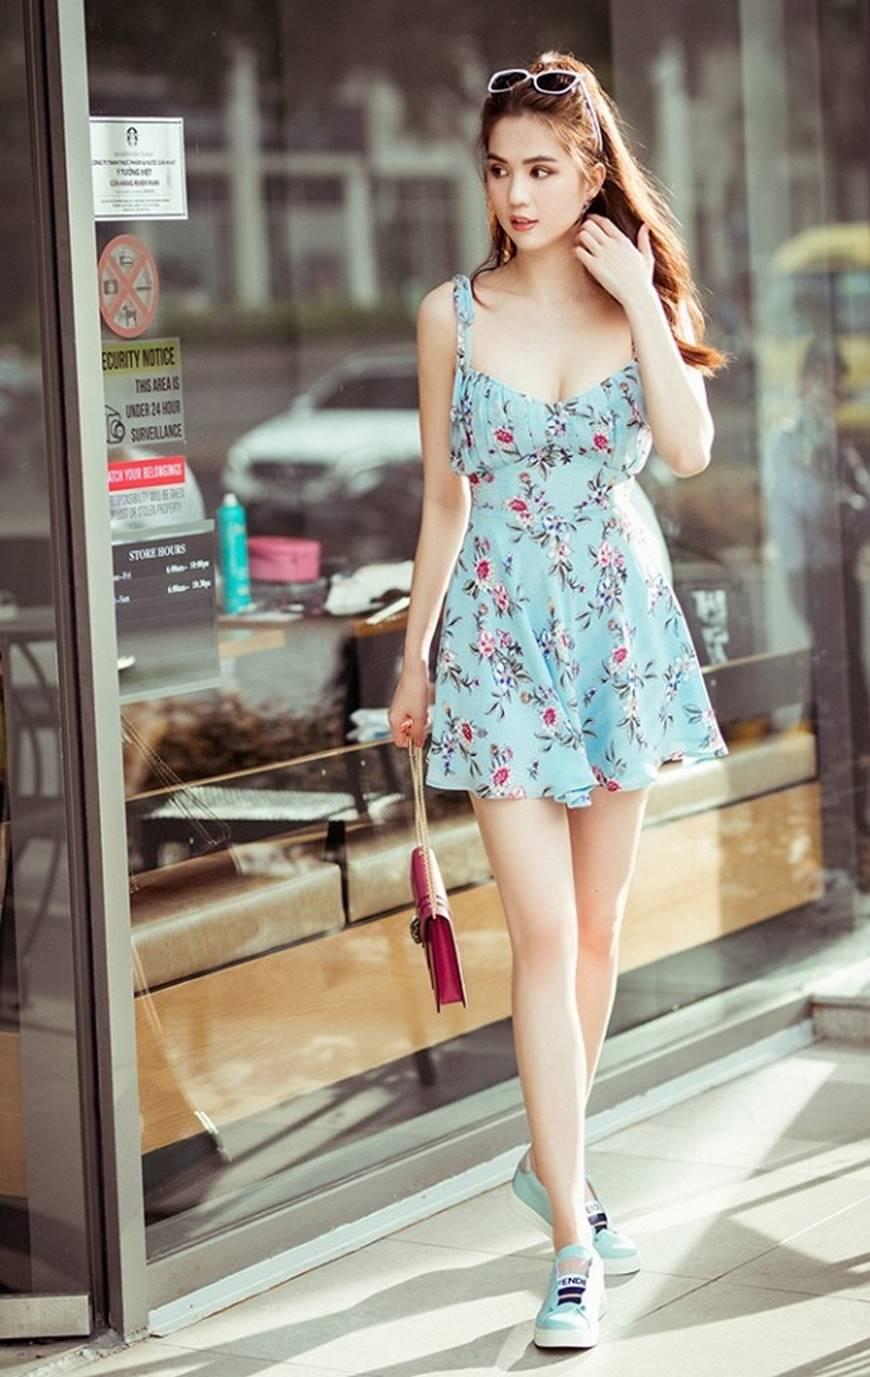 Chỉ với chiếc váy hoa 2 dây giản dị, Ngọc Trinh vẫn xinh đẹp bất chấp-1